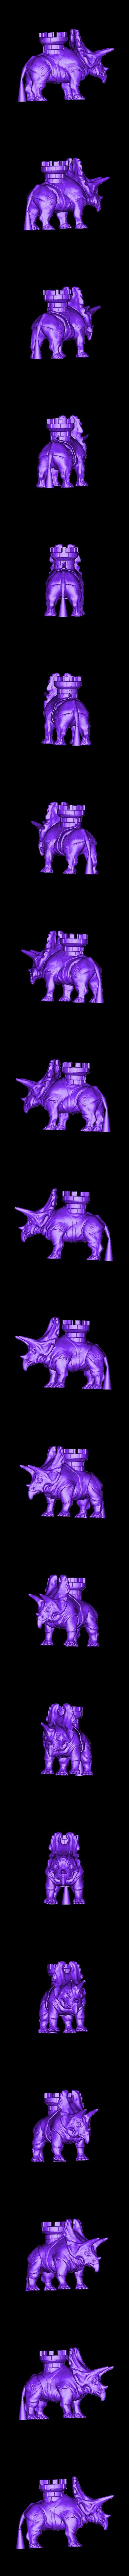 penta_castle_v4_ff.stl Download free STL file Battle dinosaur 1 • 3D printer design, Cults